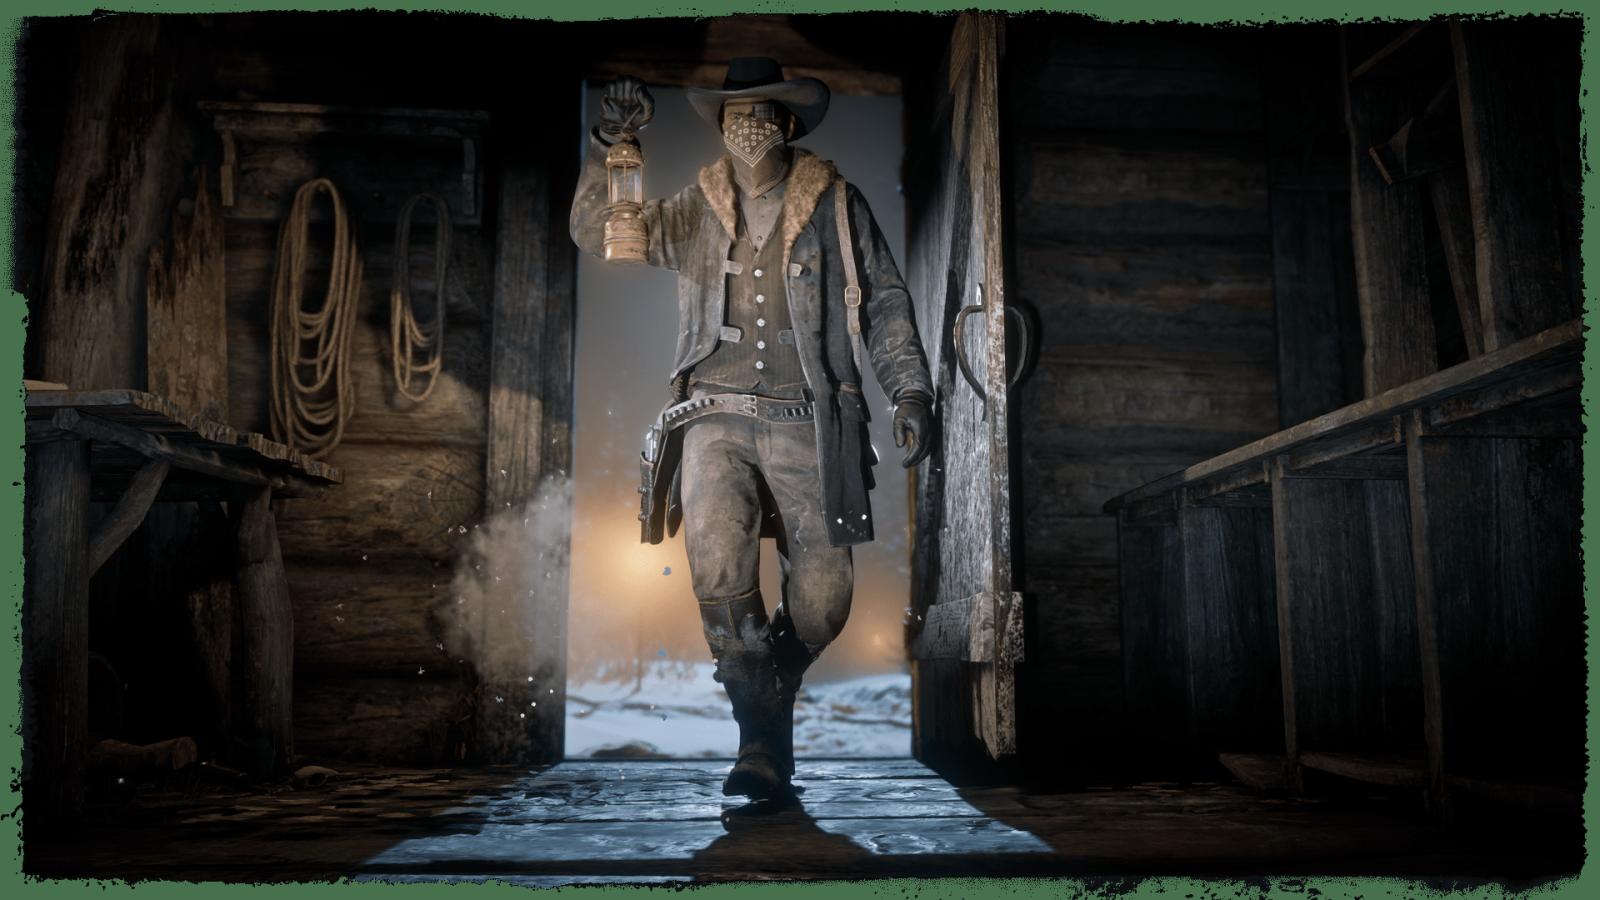 《荒野大镖客:救赎2》在线模式将迎来全新非法冒险更新,完整收藏系列现已开启额外奖励